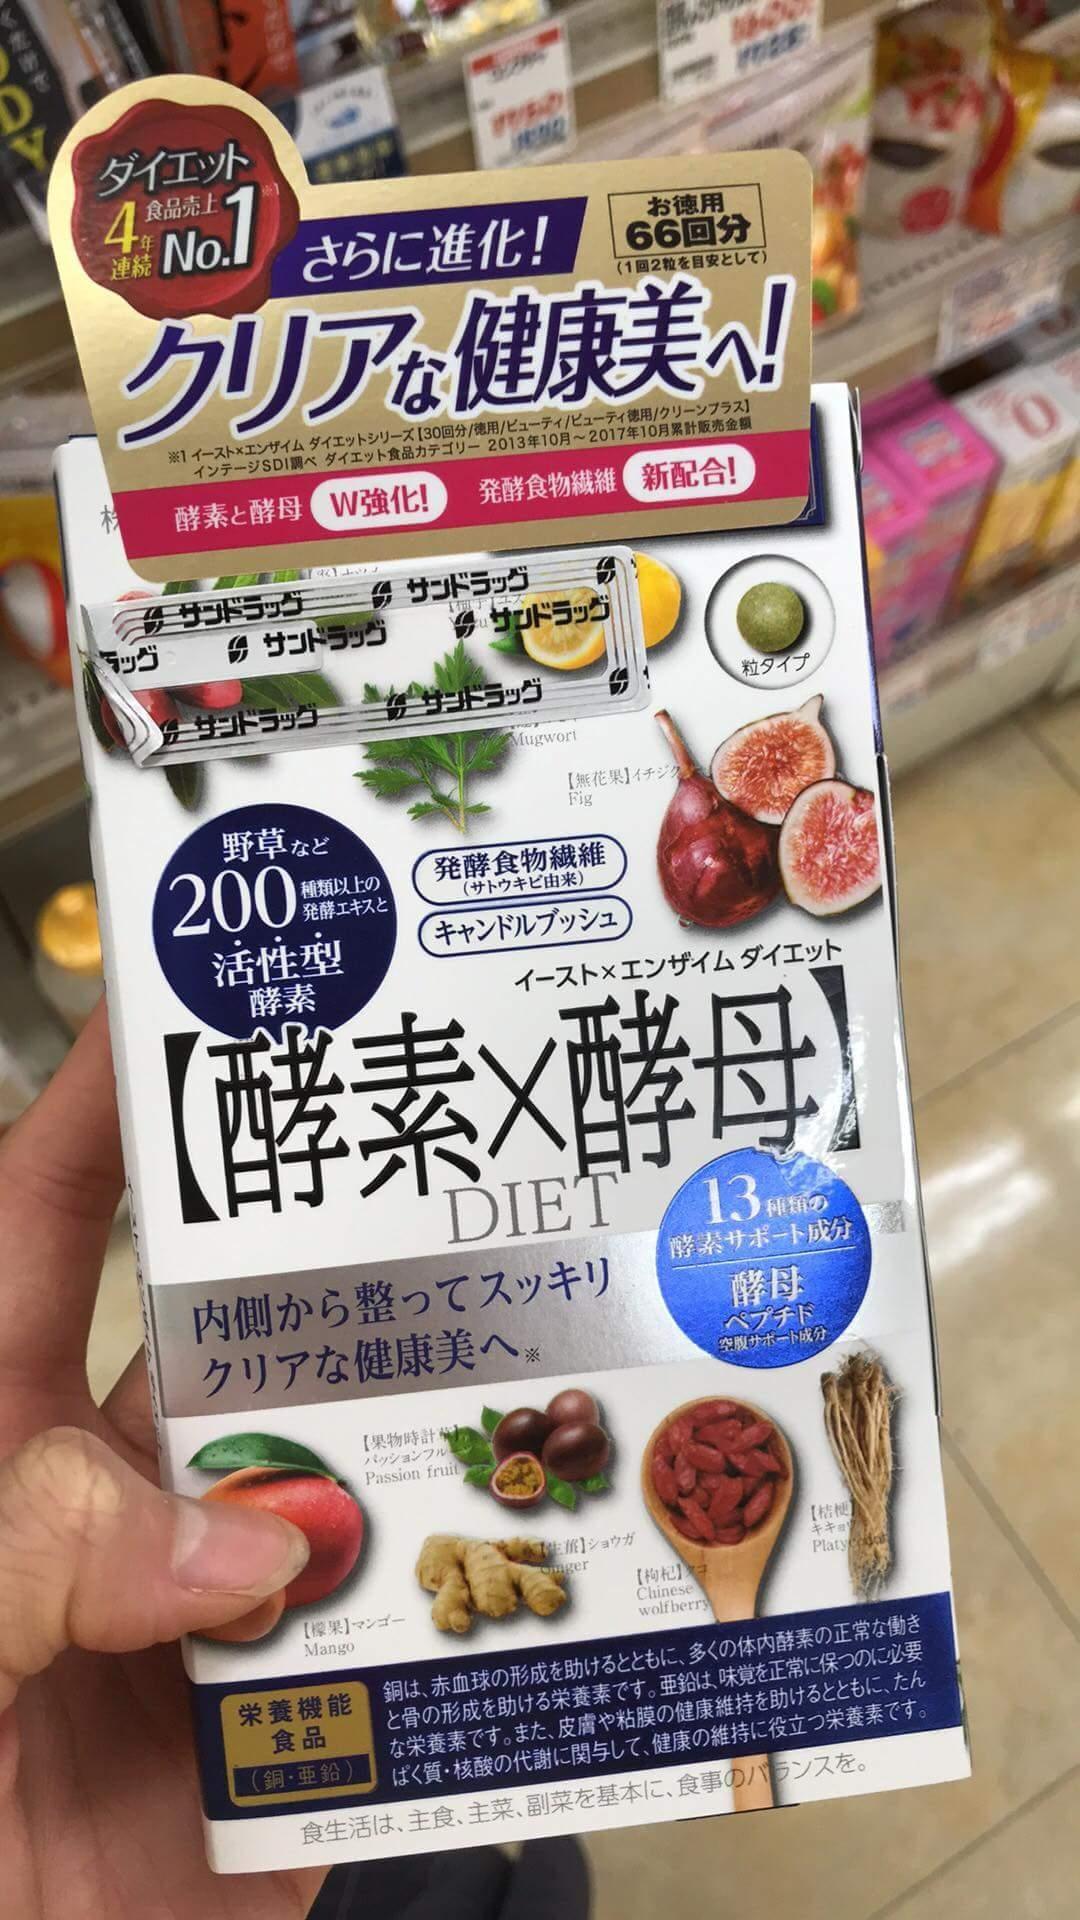 Viên Giảm Cân Vegetable 60 Ngày (Nhật Bản)